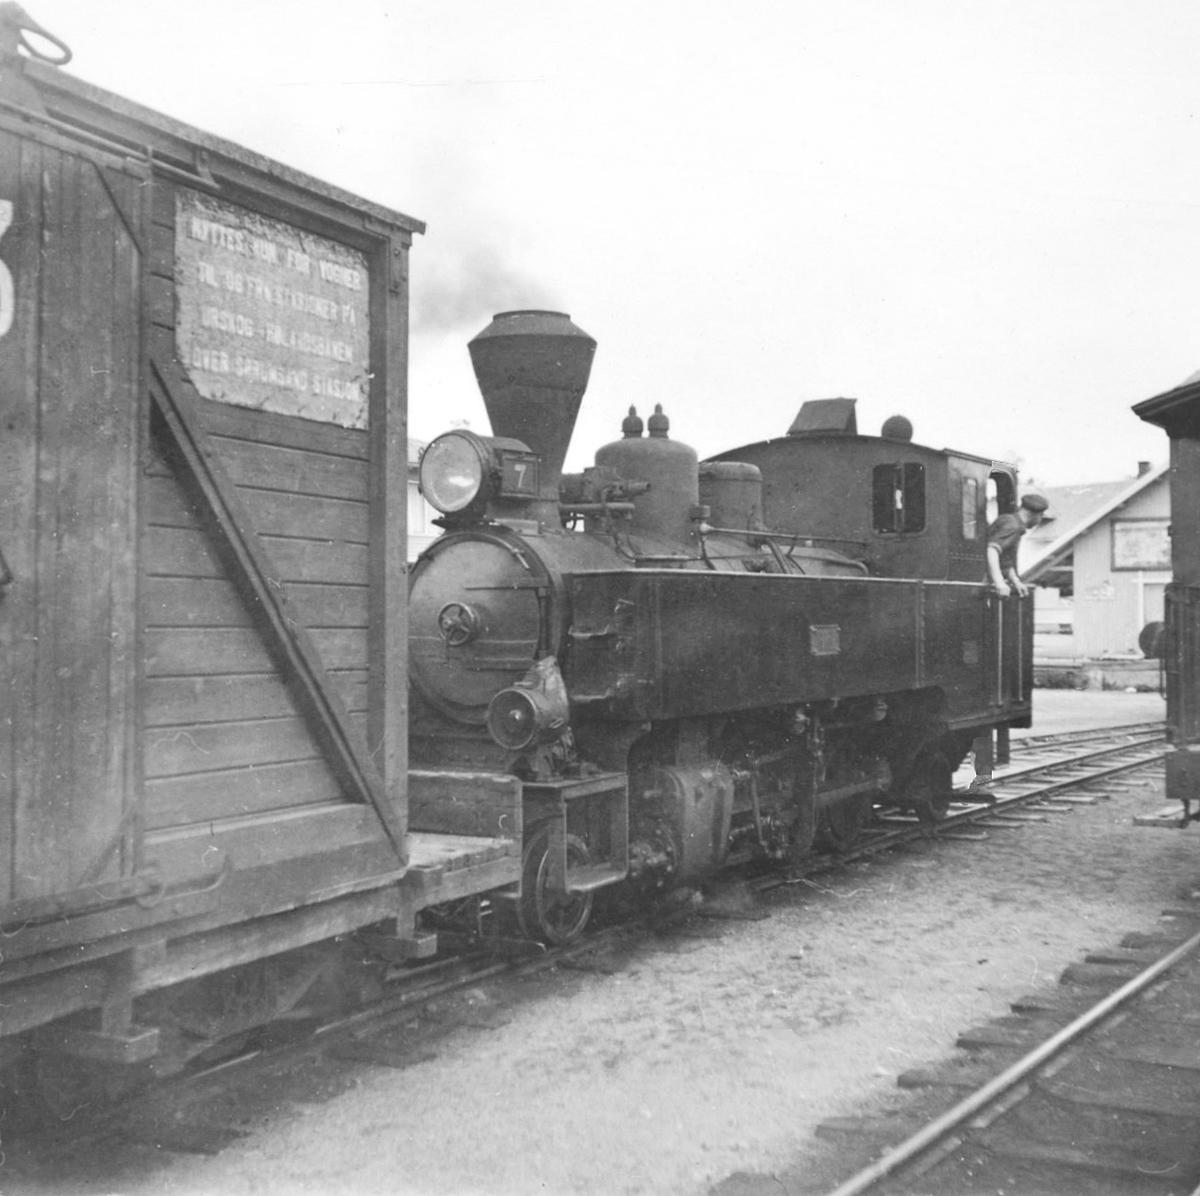 Damplokomotiv type XXIXb nr. 7 PRYDZ med godsvogn lastet med løftekasse G 93 på Bjørkelangen stasjon